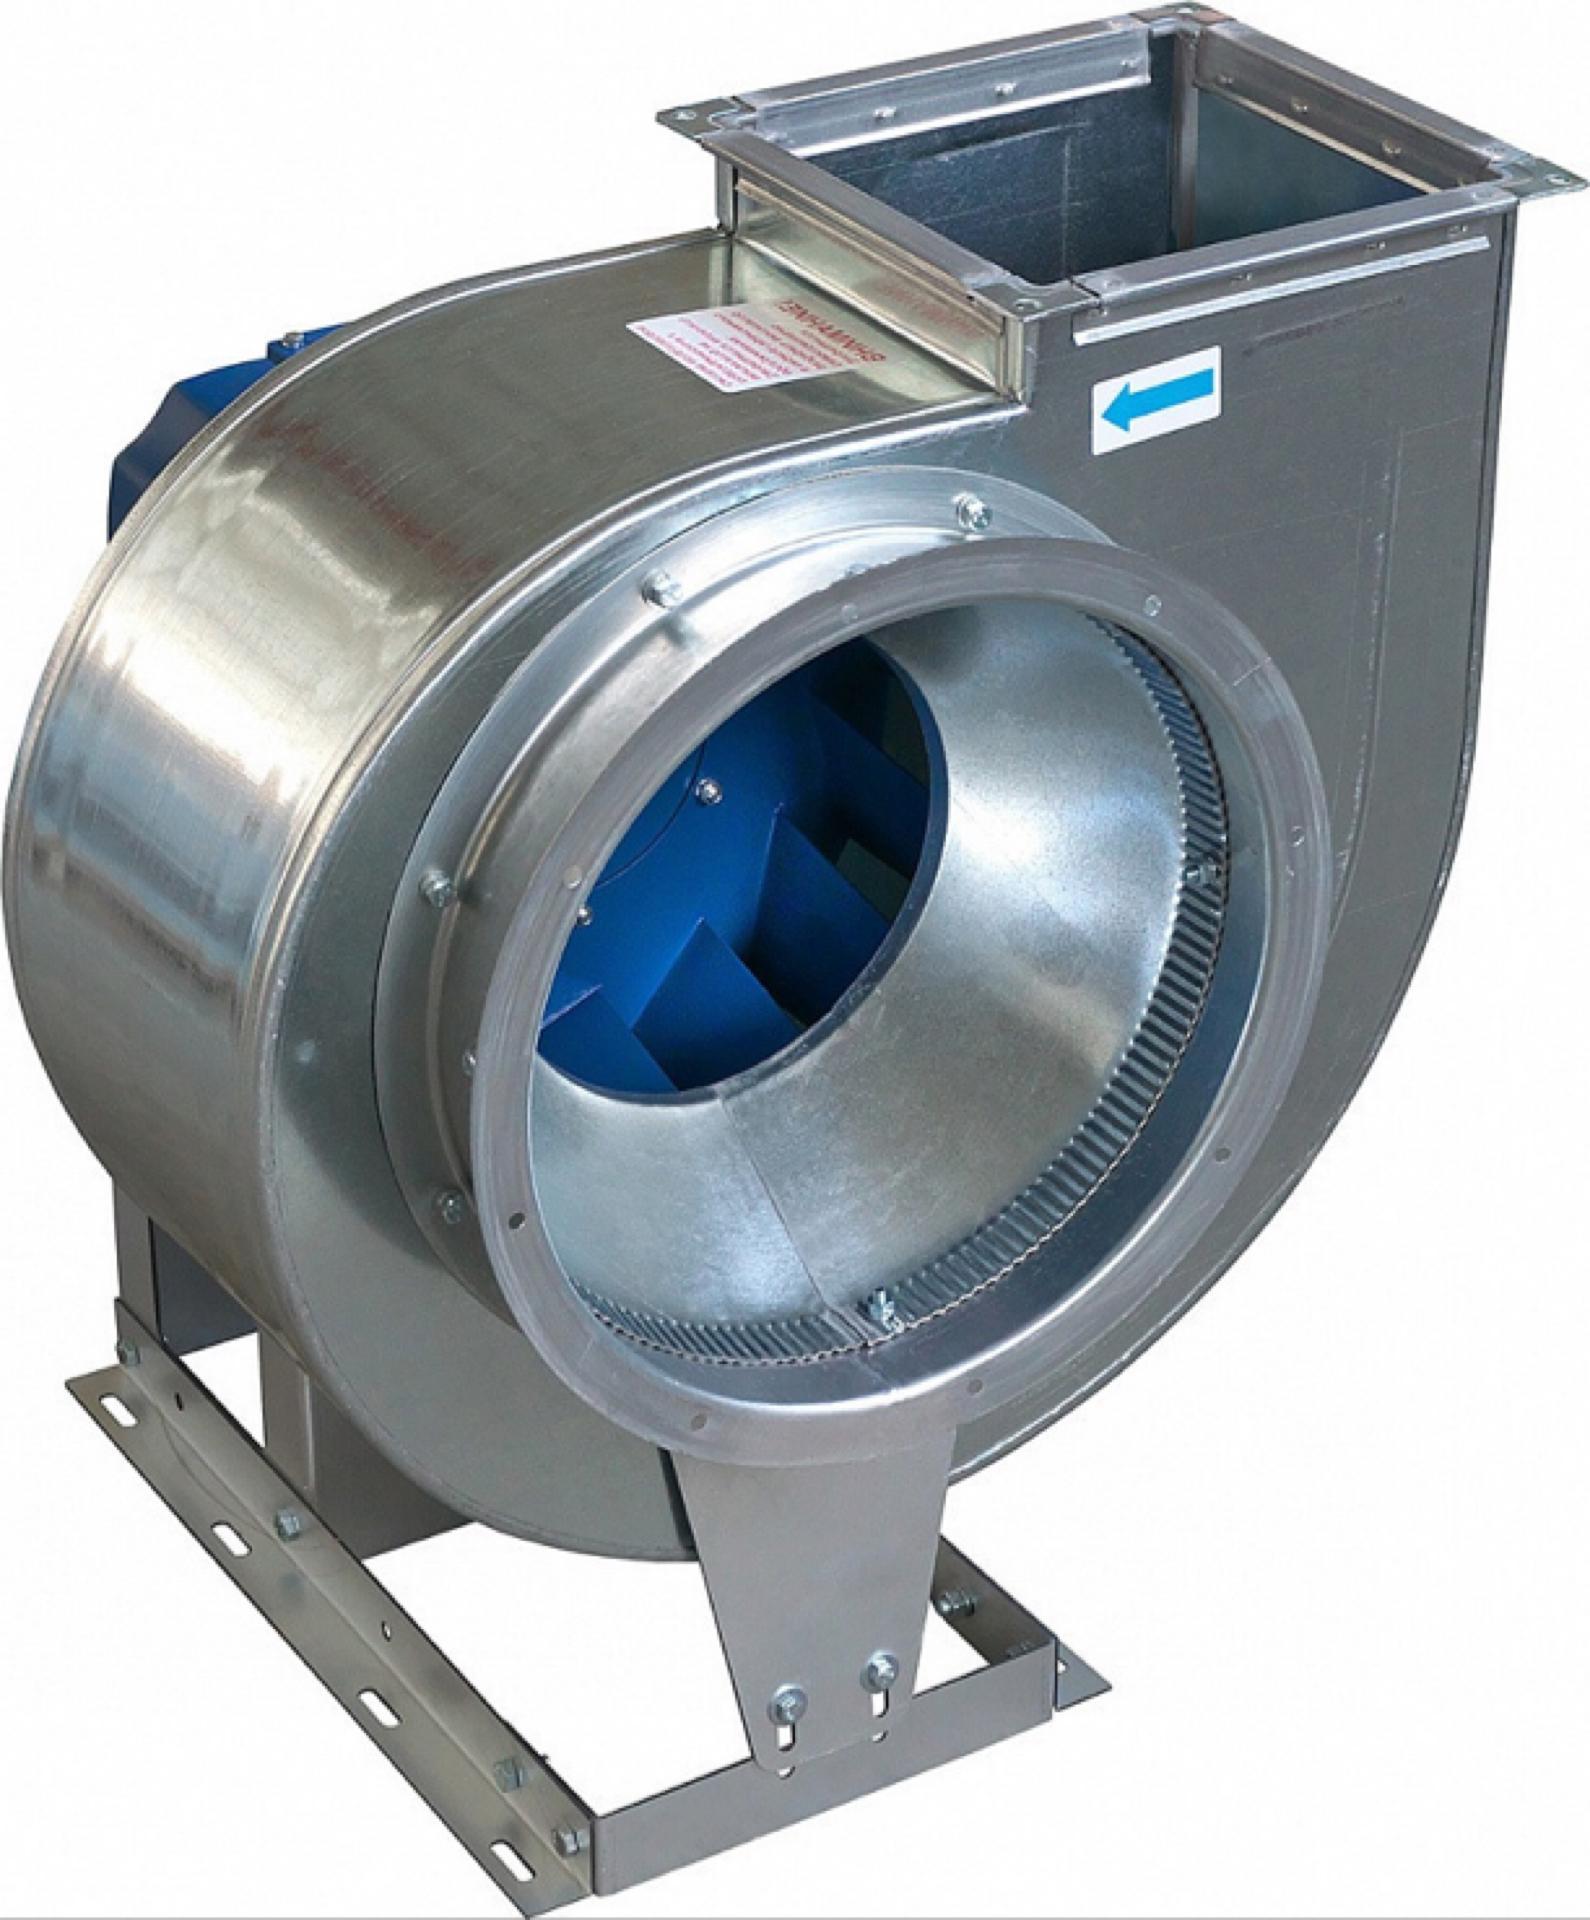 Вентилятор ВР-86-77-2,5 0,75 кВт*3000 об/мин ЛО (Д=1,05Дн)